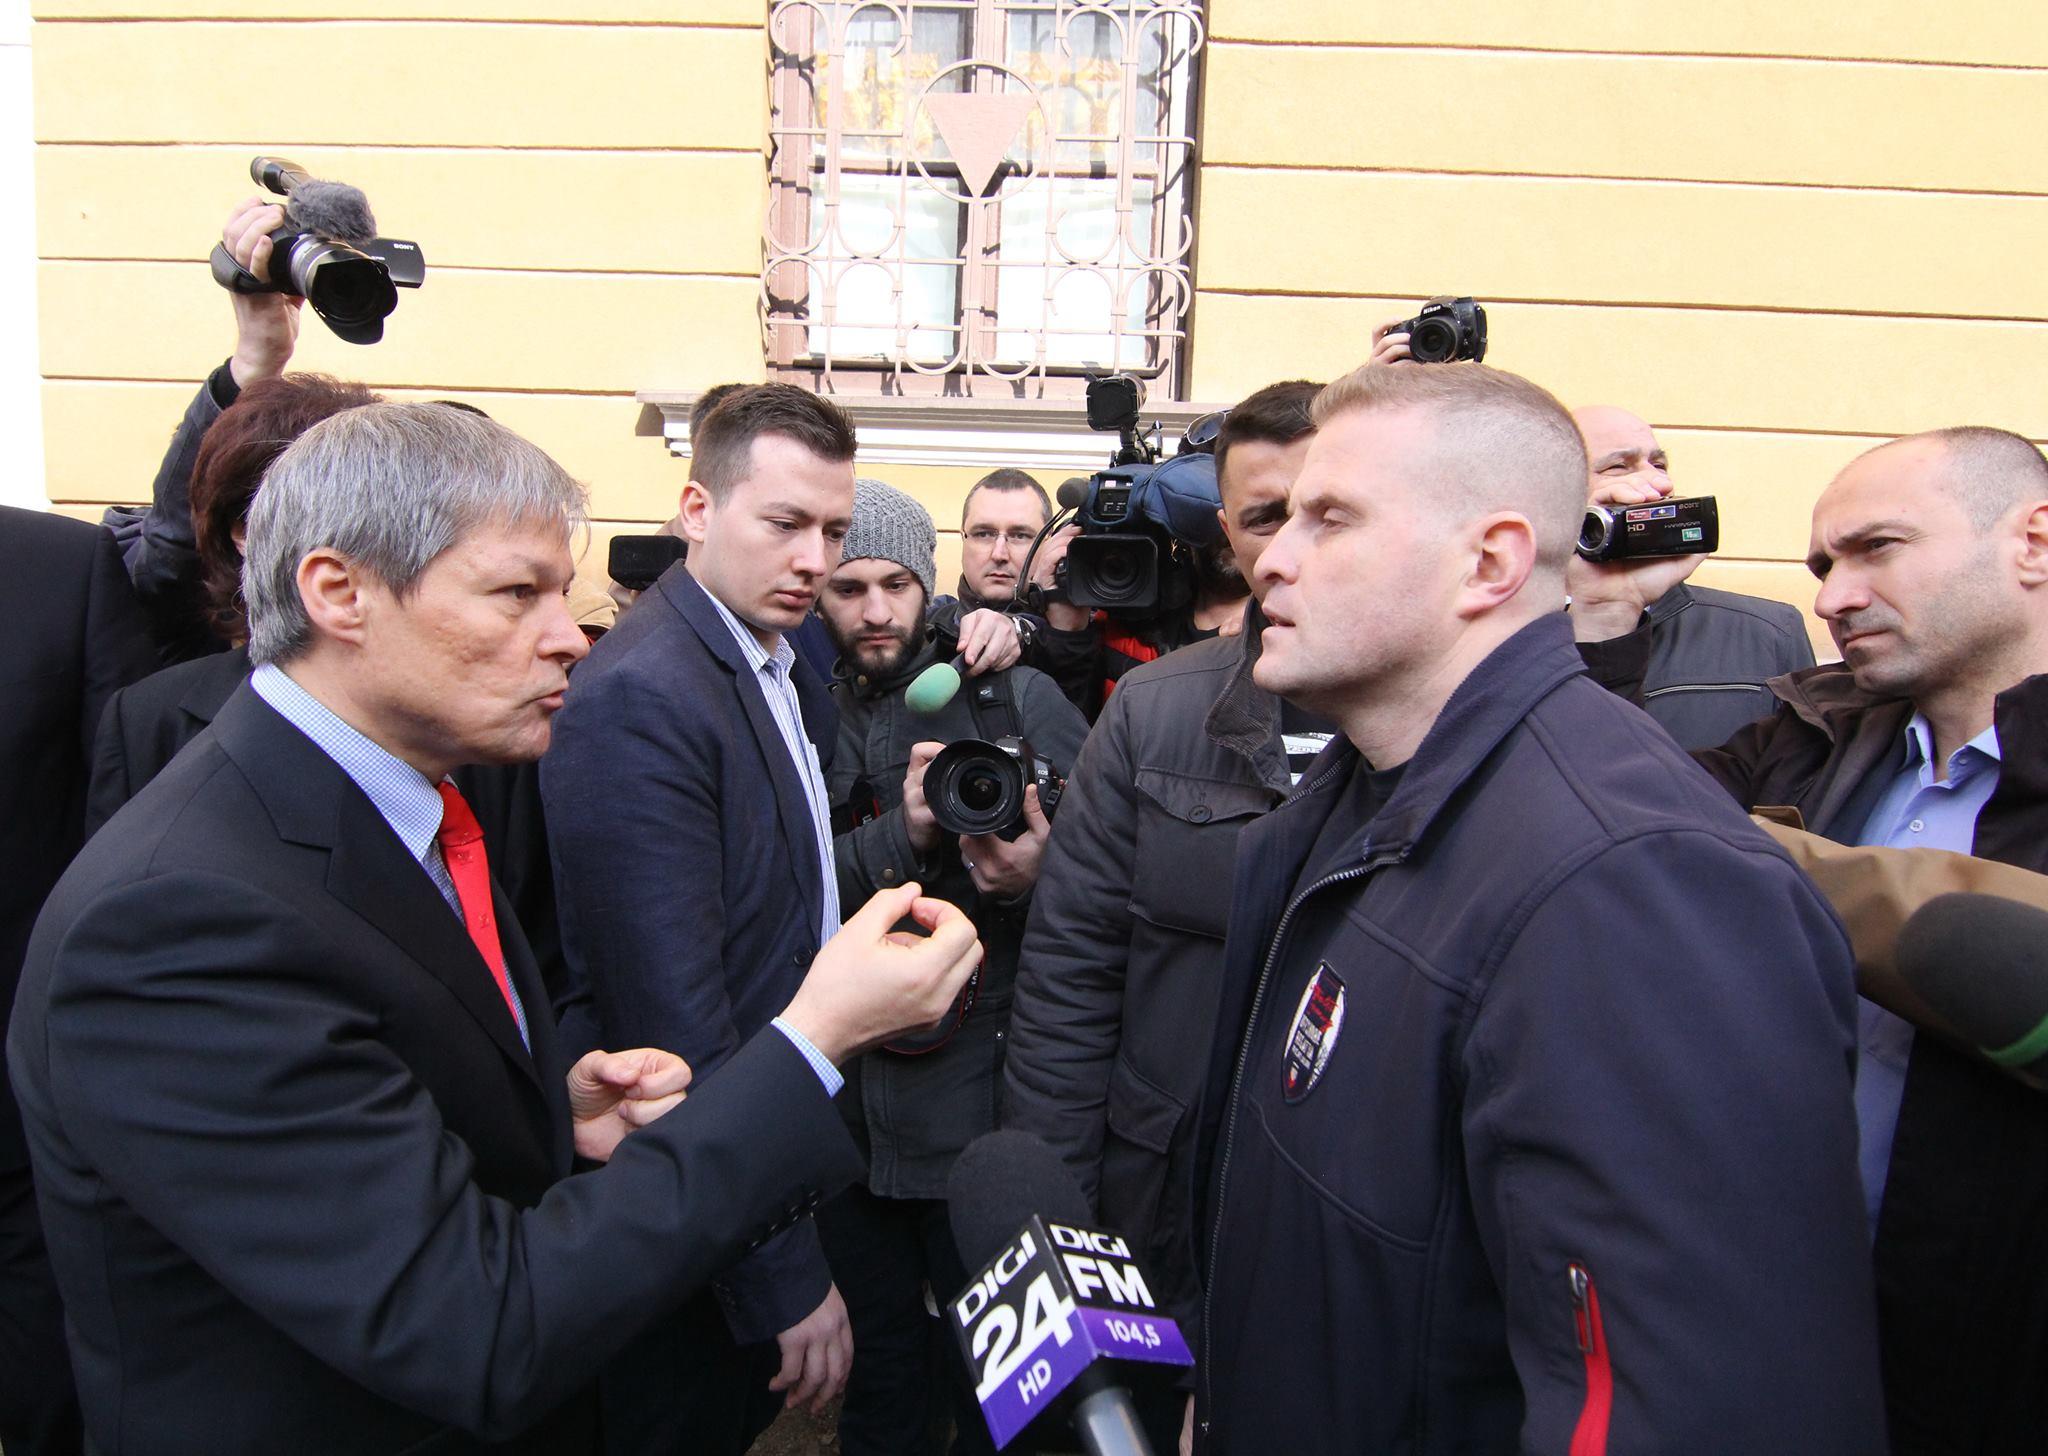 Dacian Cioloș, în dialog cu un clujean (Foto: Dan Bodea)